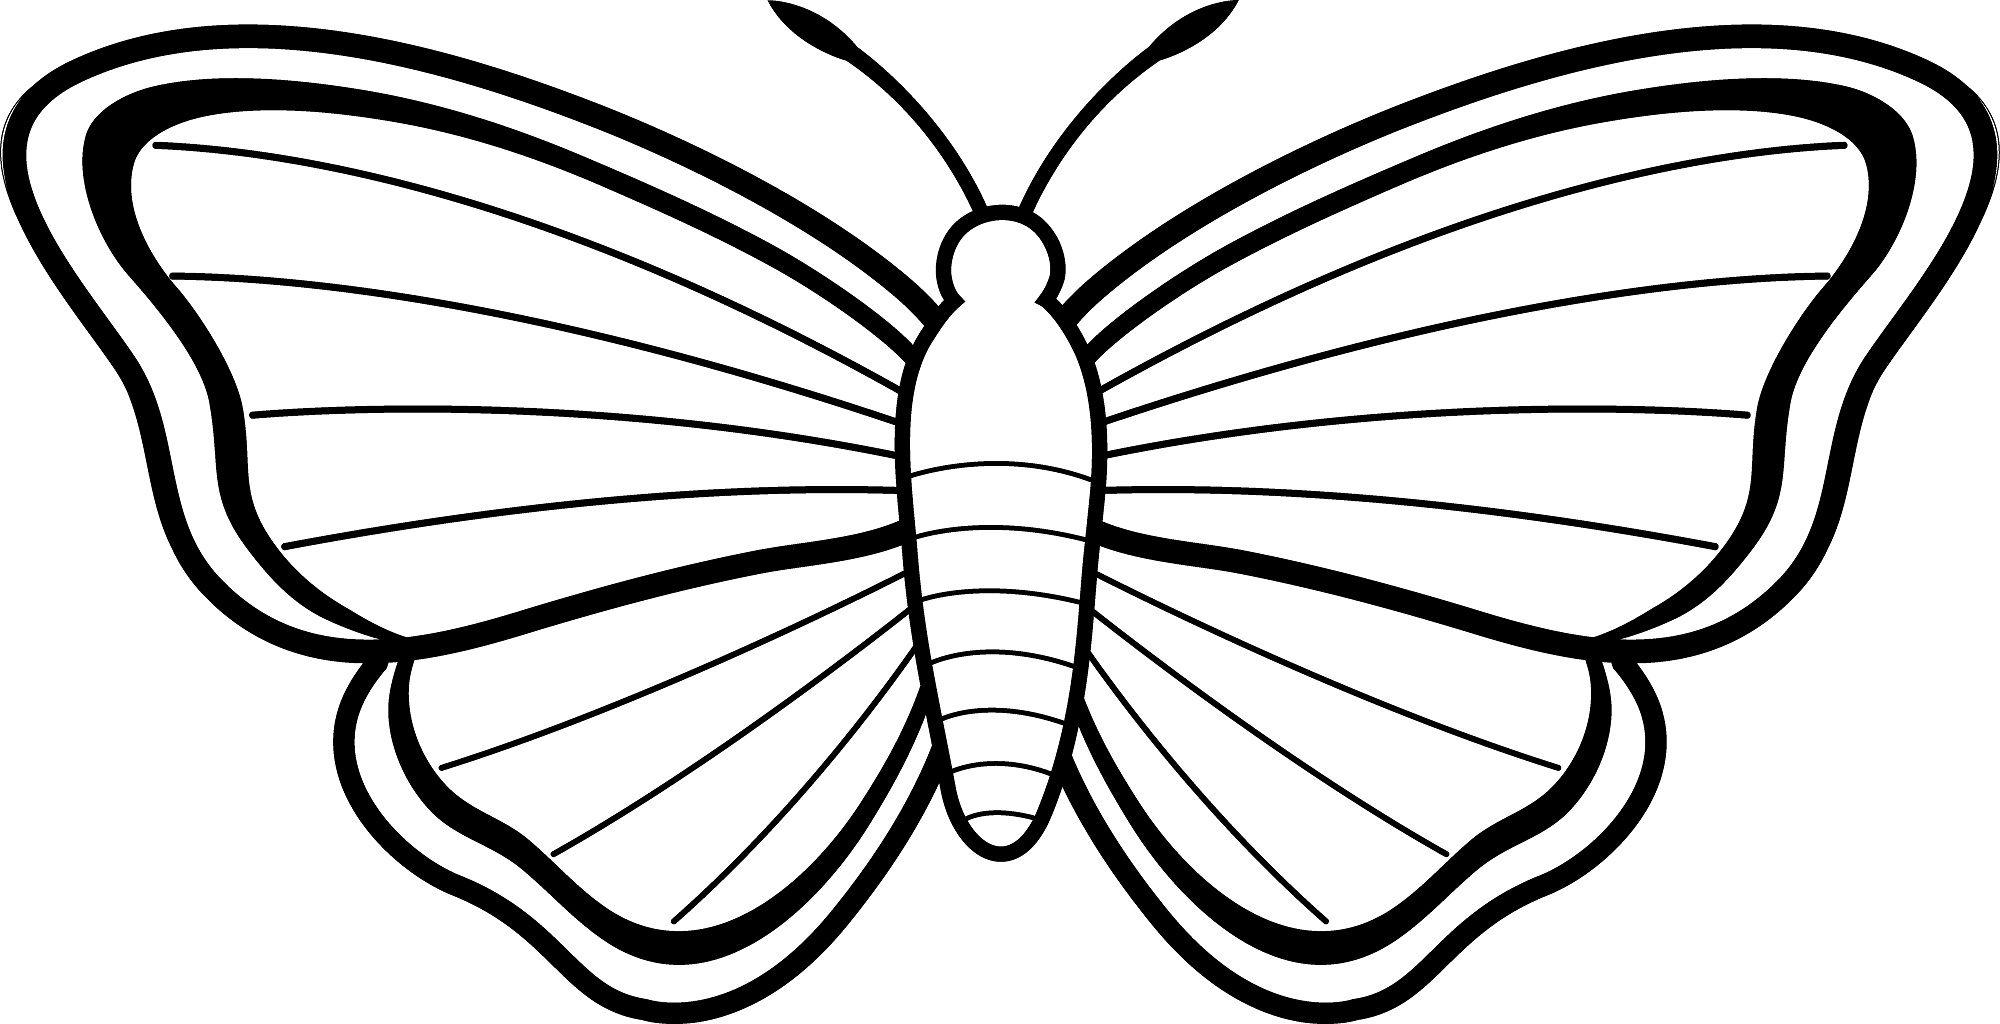 mariposas para colorear - Buscar con Google | Pintar | Pinterest ...